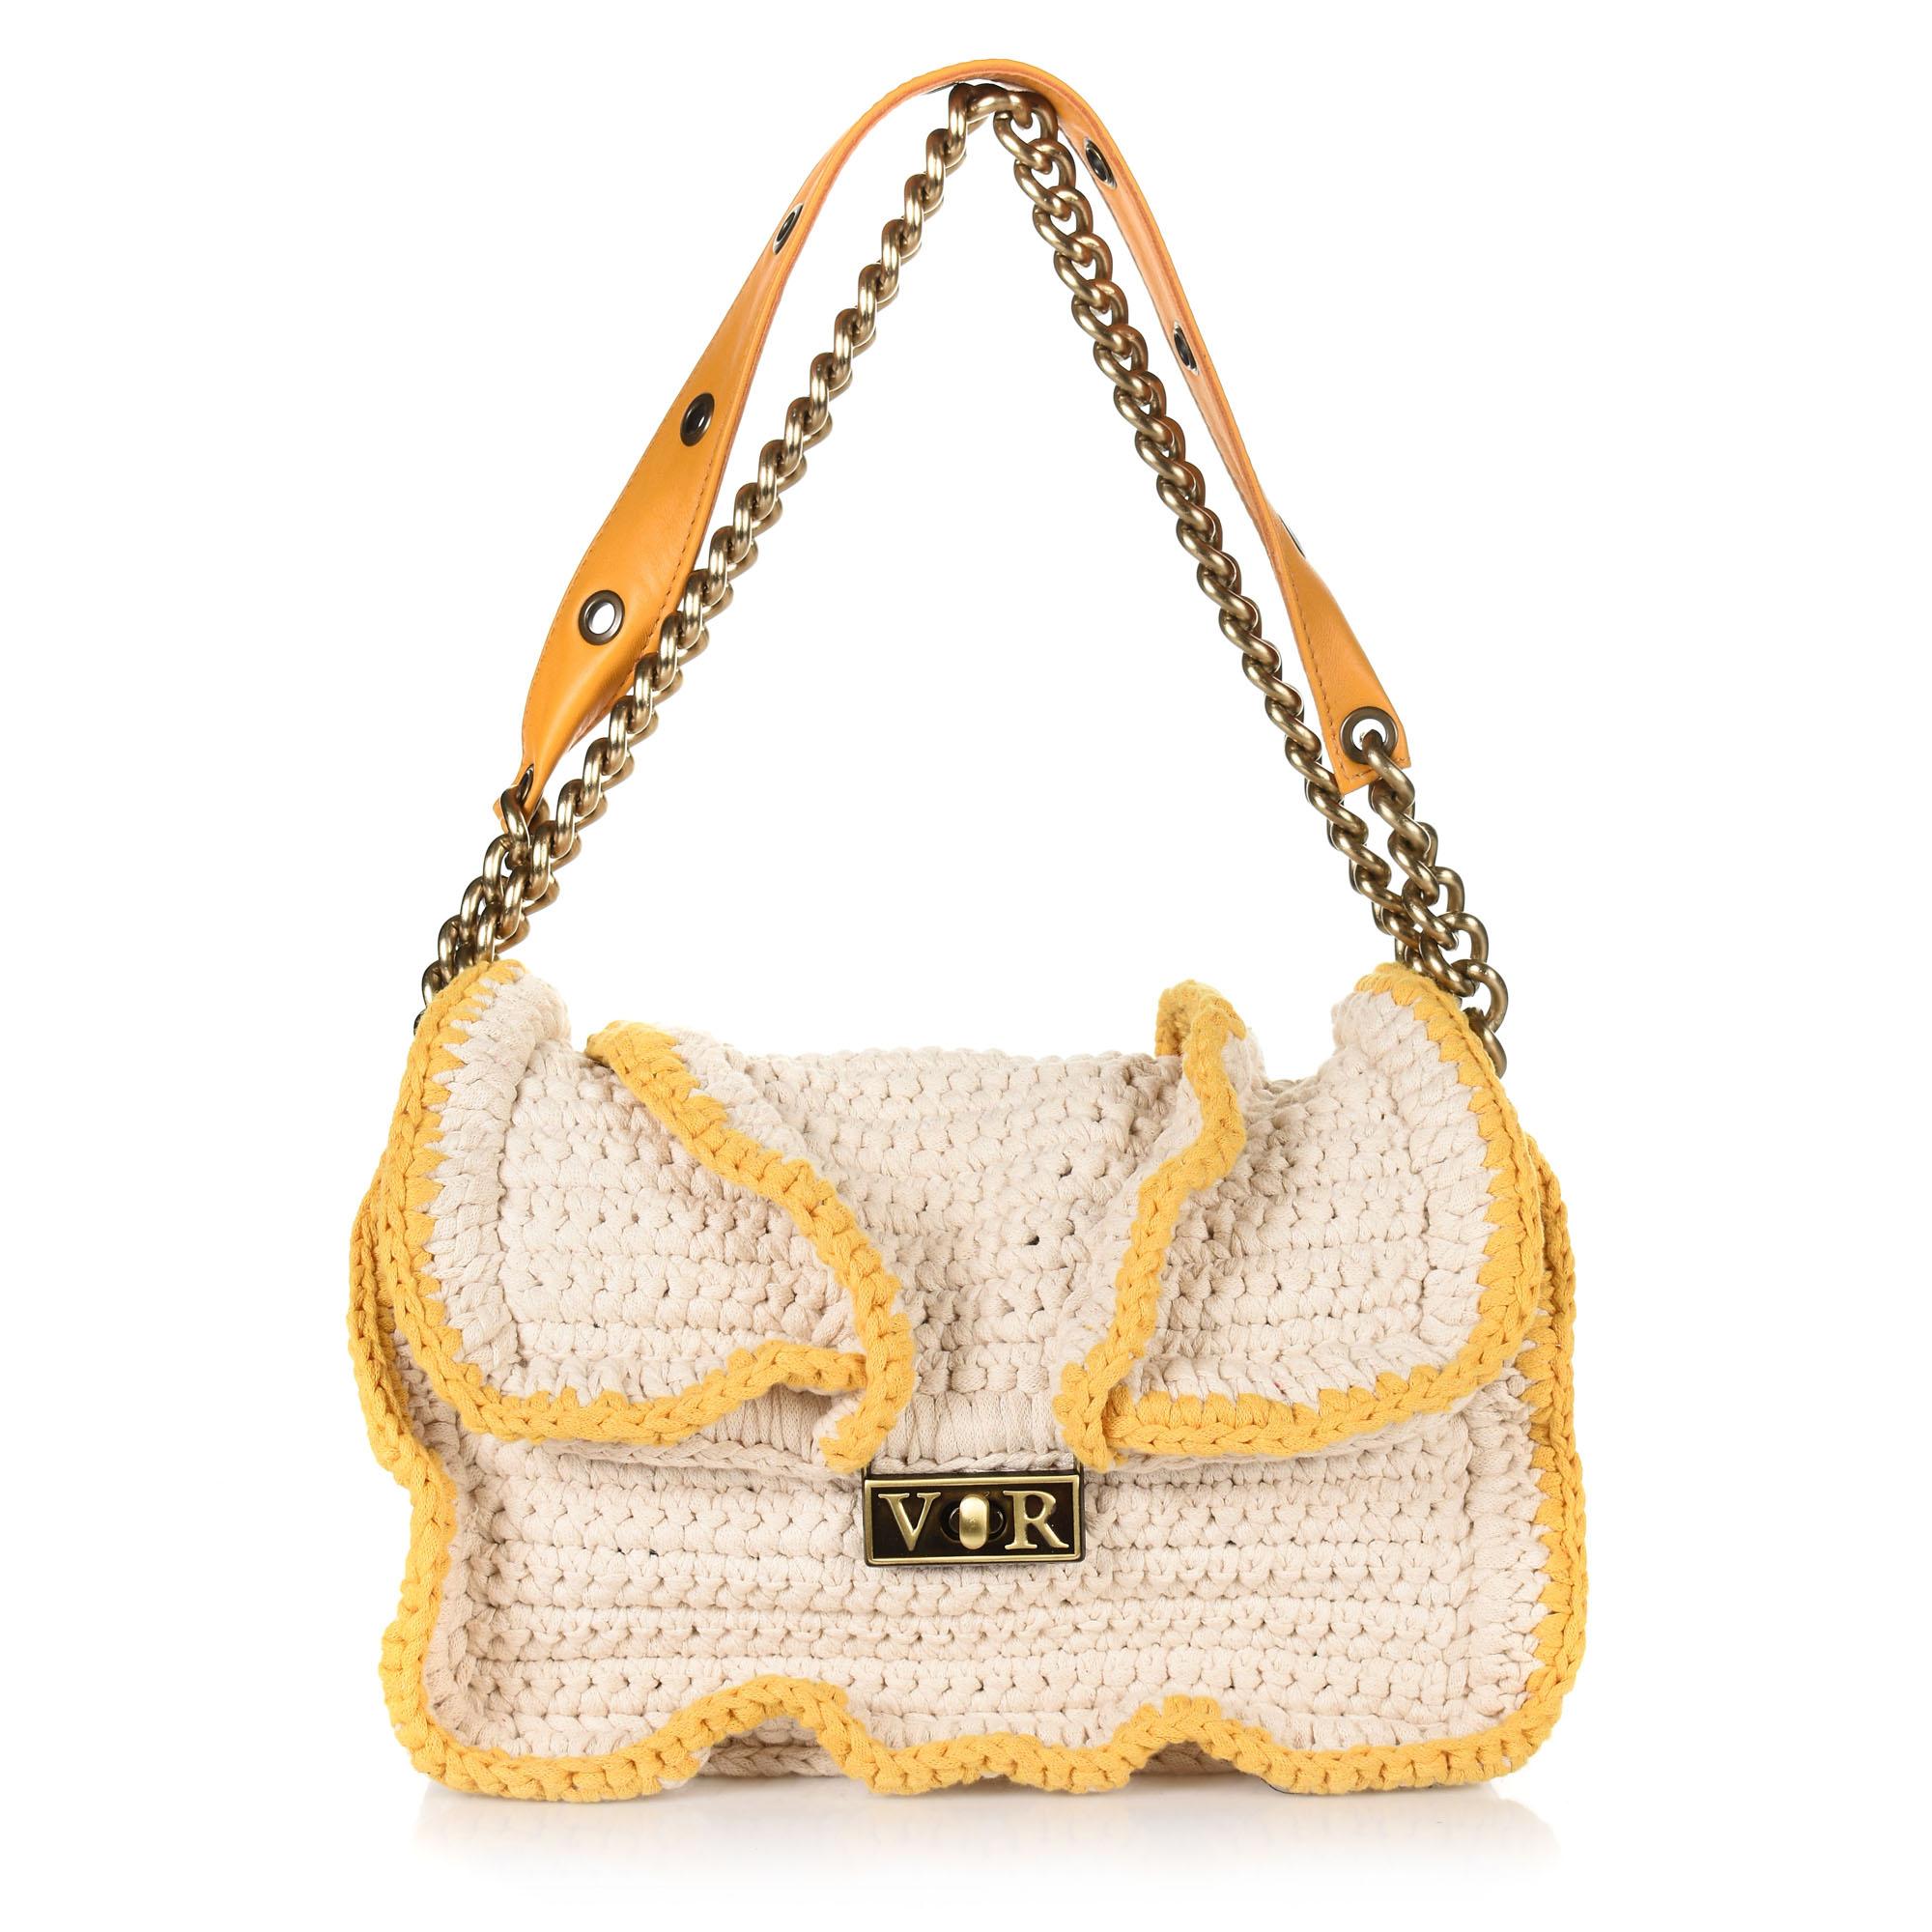 824c1cfc94 Brand Bags Χειροποίητη Πλεκτή Τσάντα Ώμου-Χιαστί V R RC137